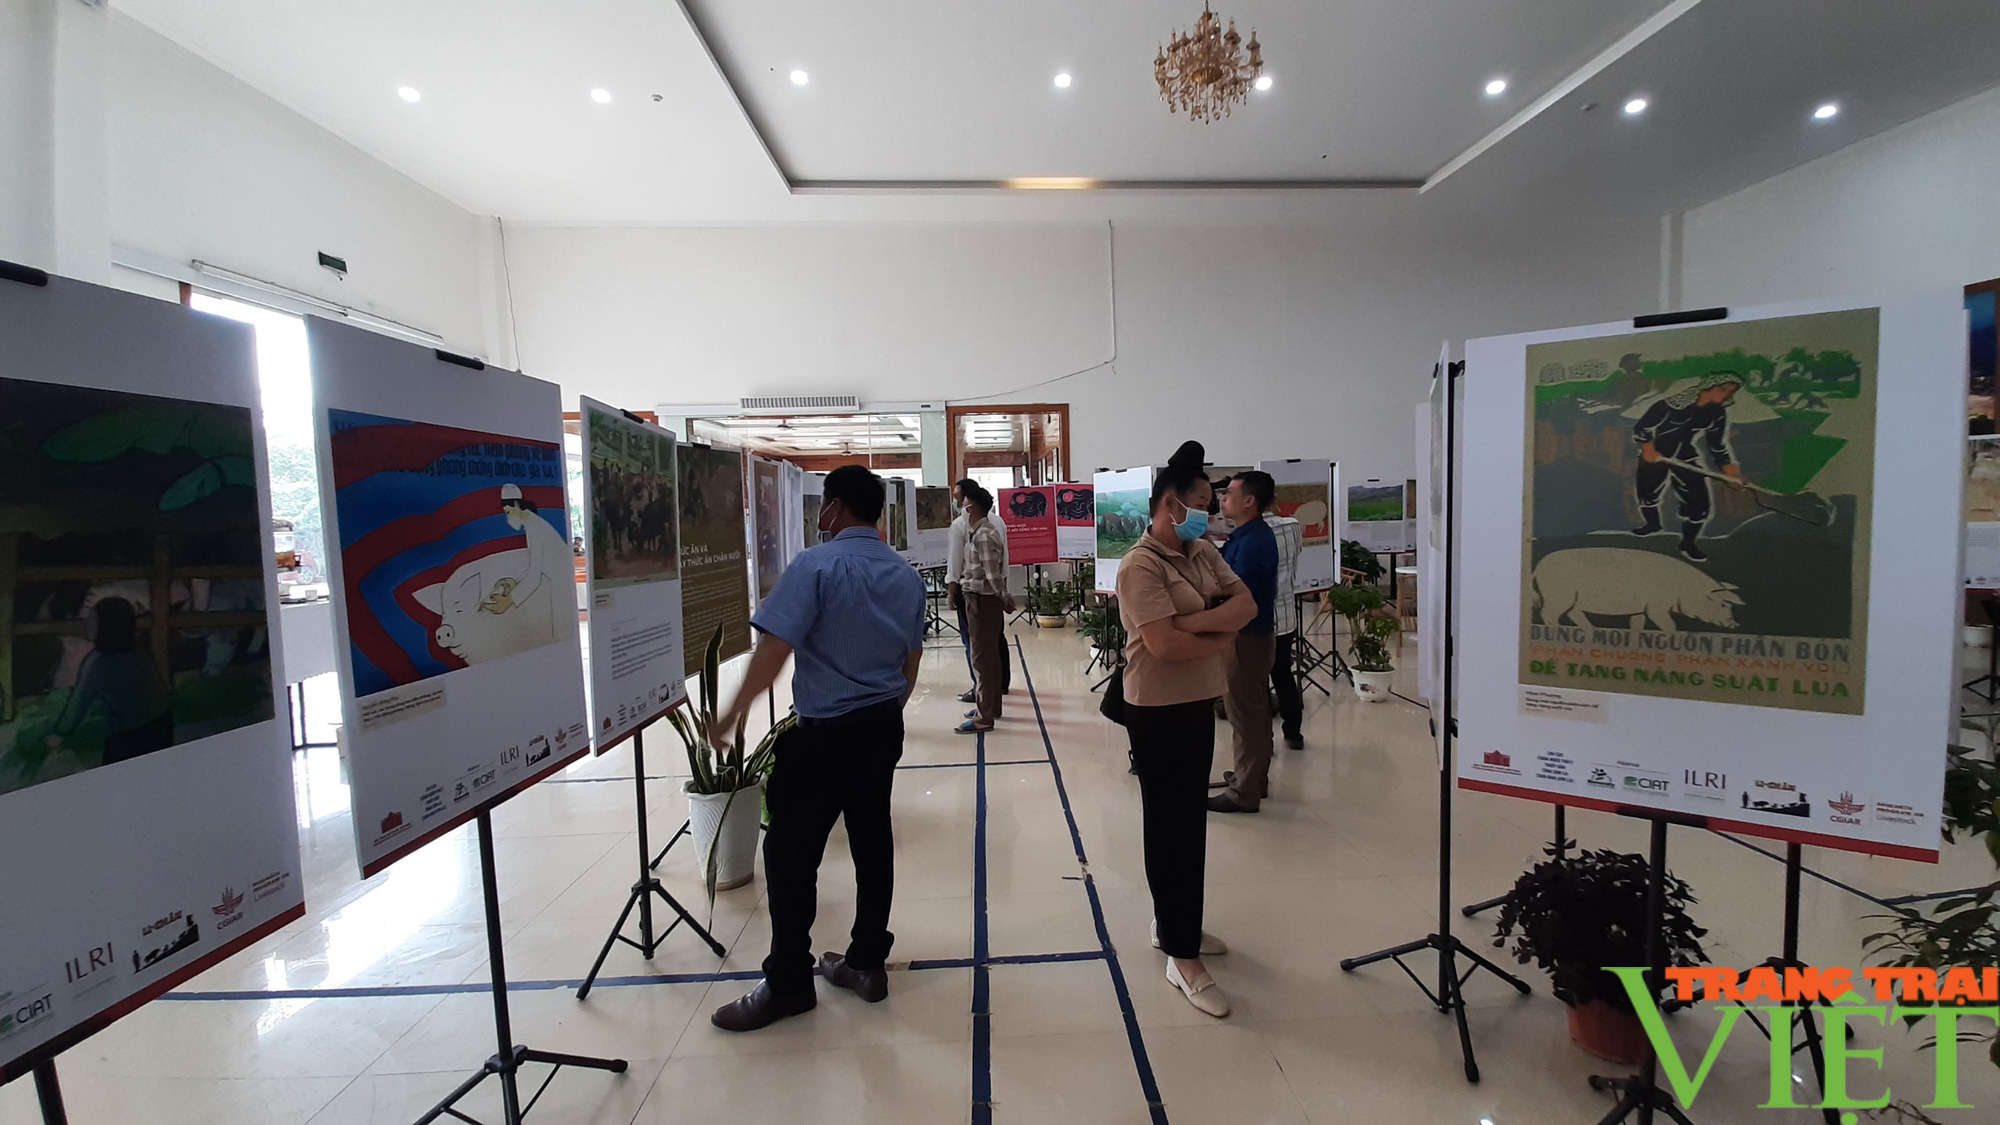 Khai mạc triển lãm chăn nuôi dưới góc nhìn của nghệ sĩ và nông dân  - Ảnh 7.